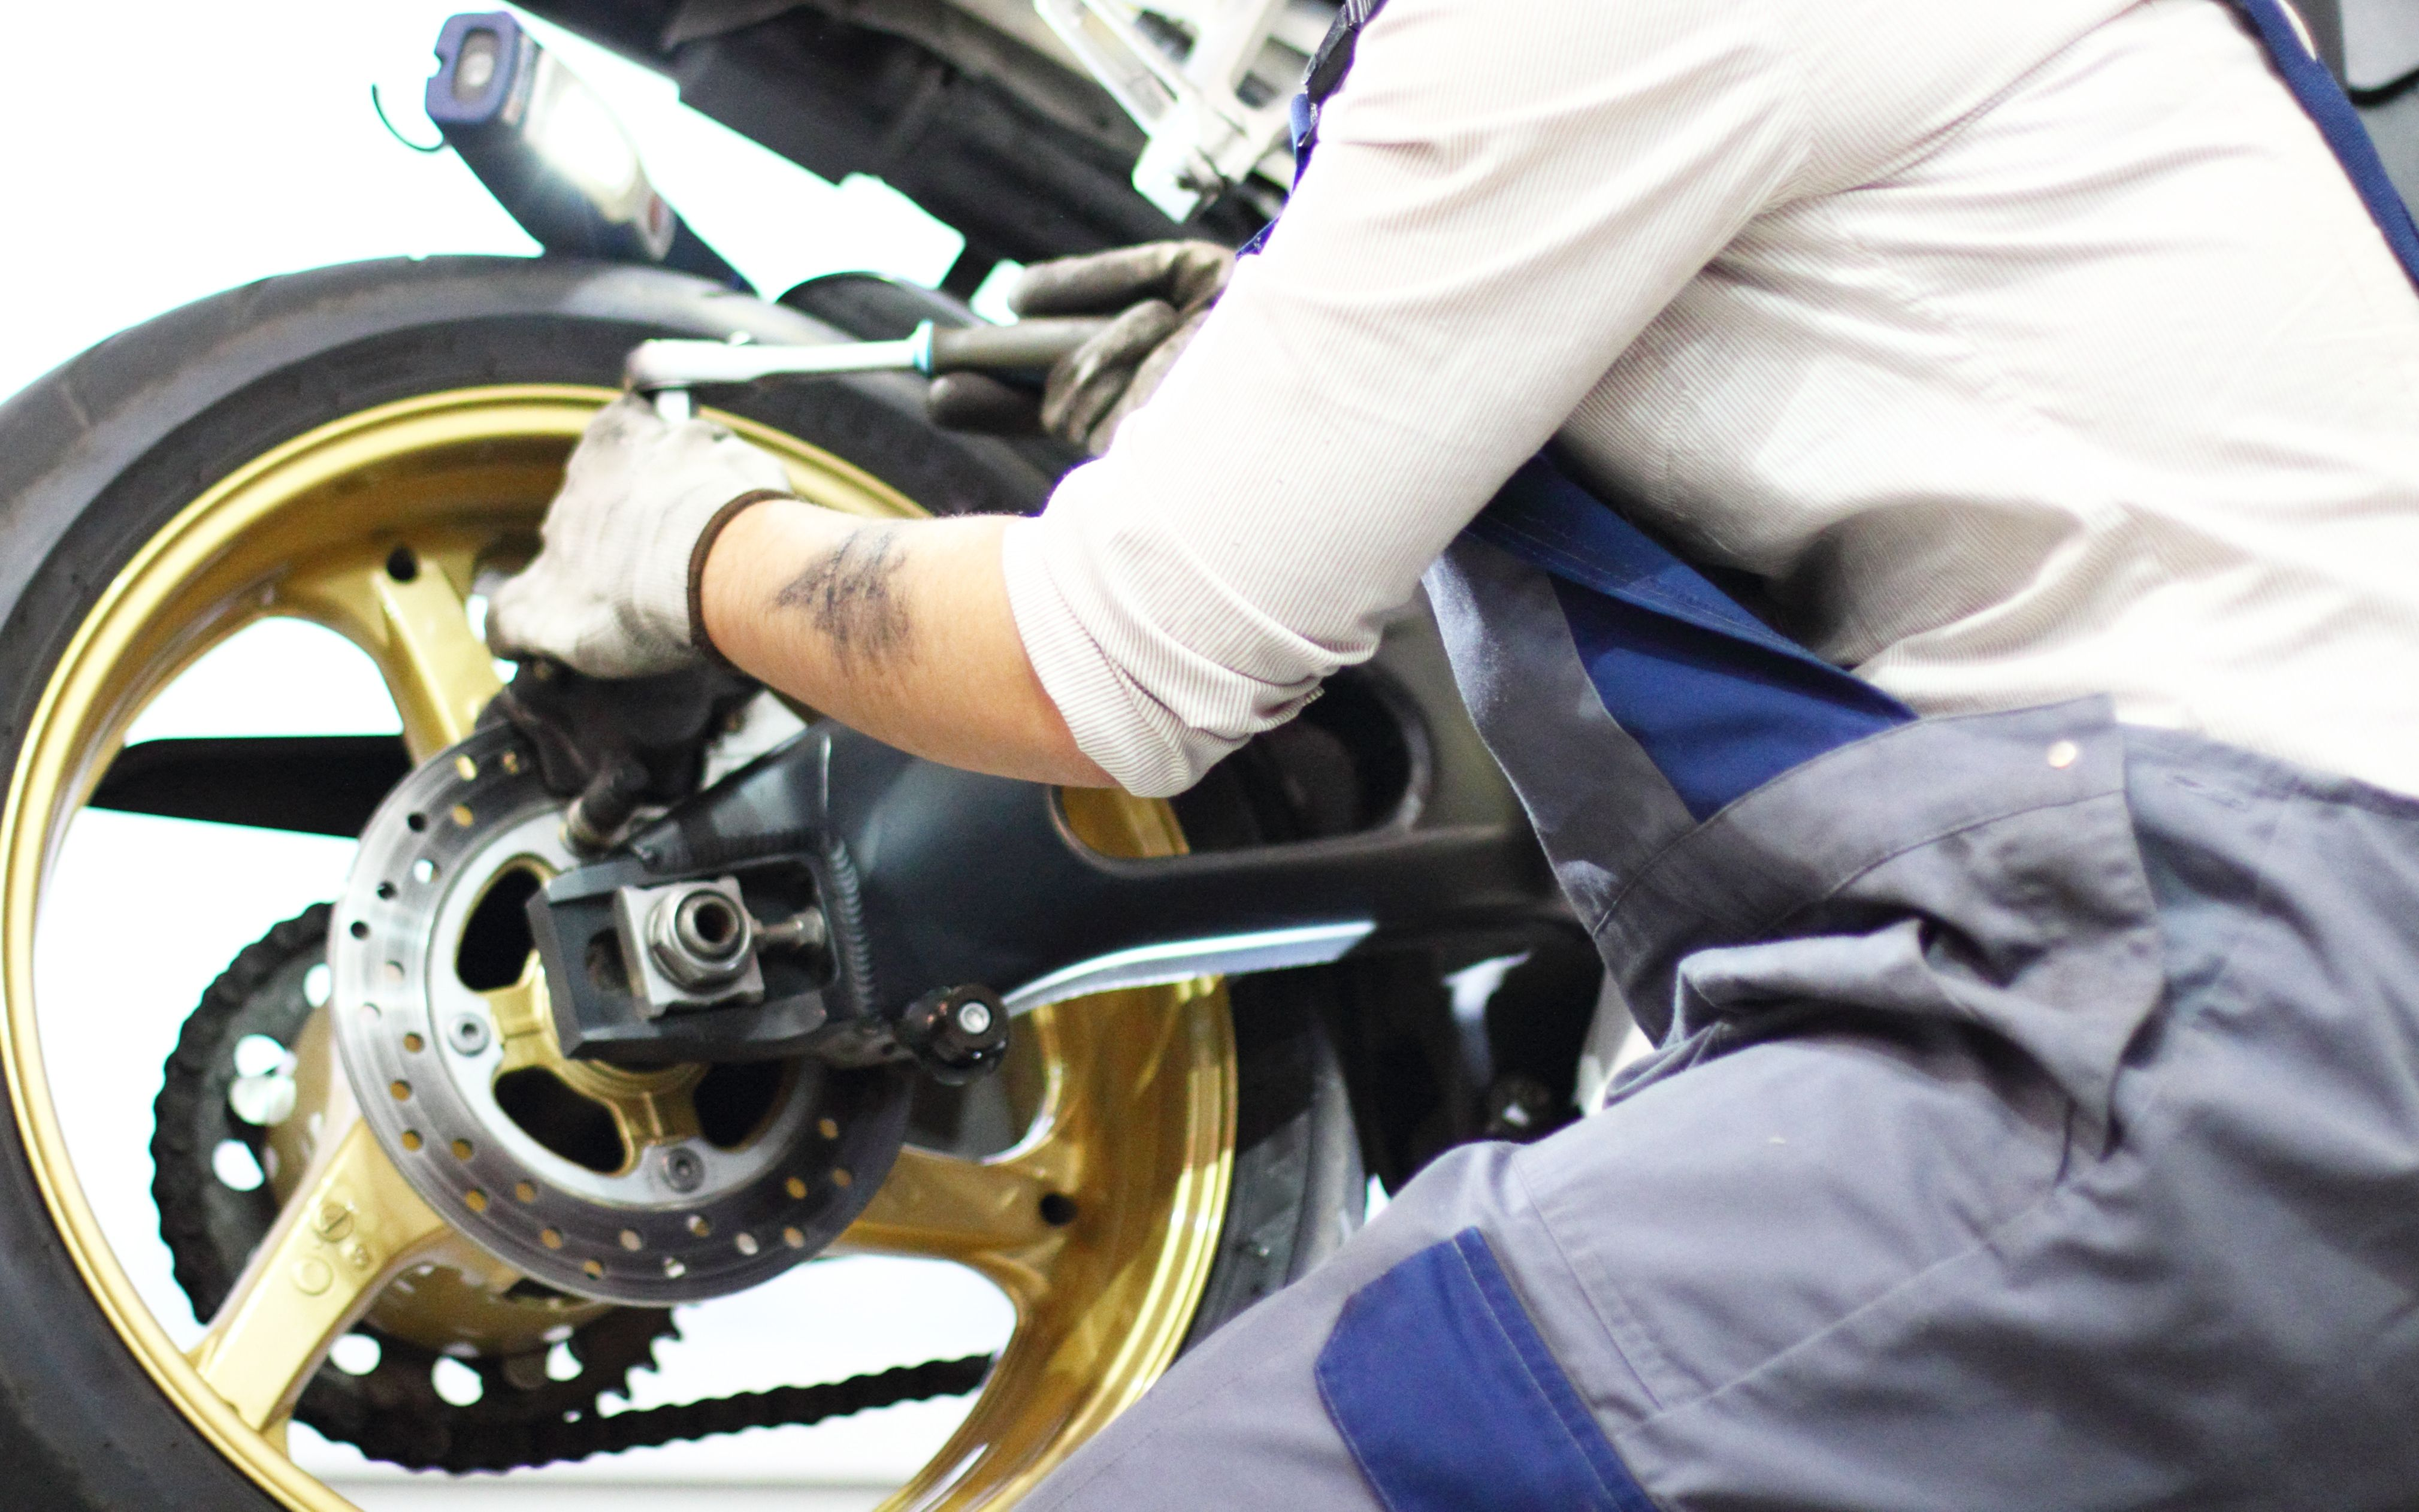 Mecánica general y servicio técnico para motos: Servicios de Mecánica Torreauto